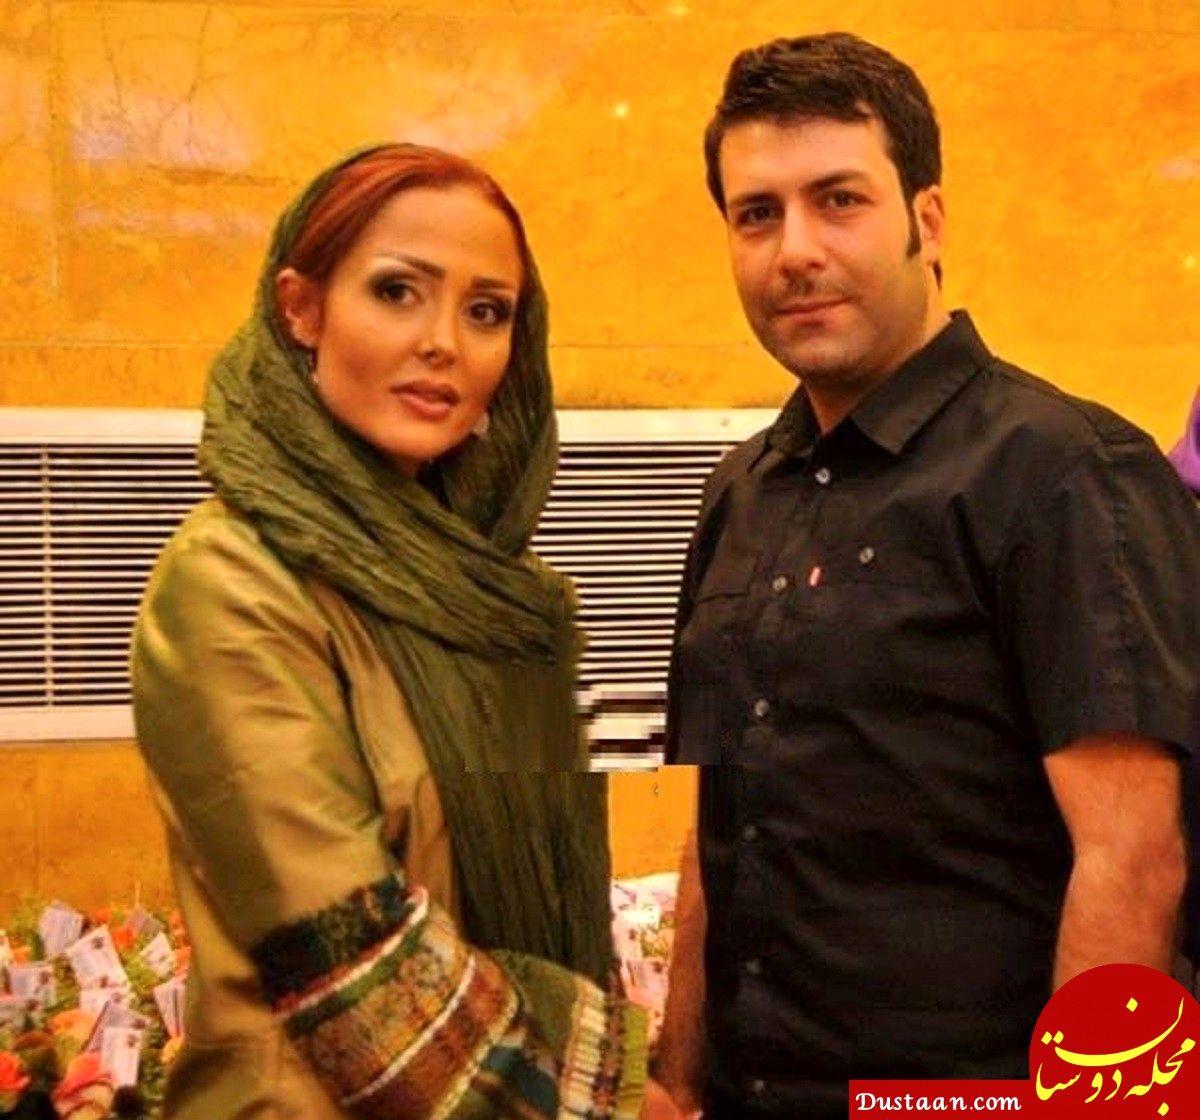 مجید واشقانی و همسر بازیگرش + عکس دونفره